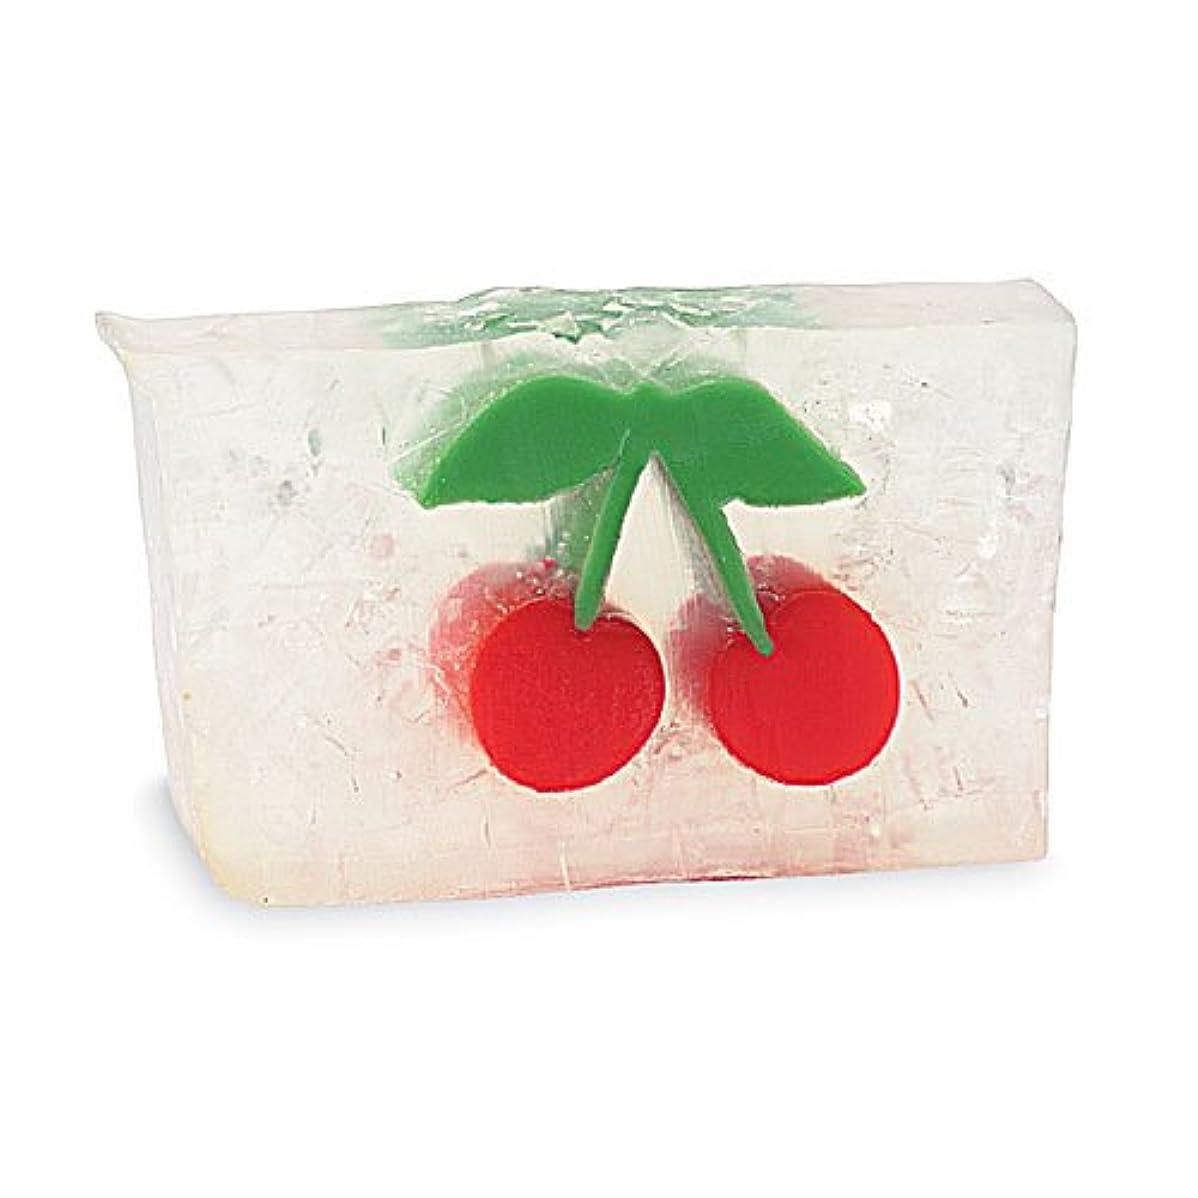 小学生独立したポルティコプライモールエレメンツ アロマティック ソープ チェリー 180g 植物性 ナチュラル 石鹸 無添加